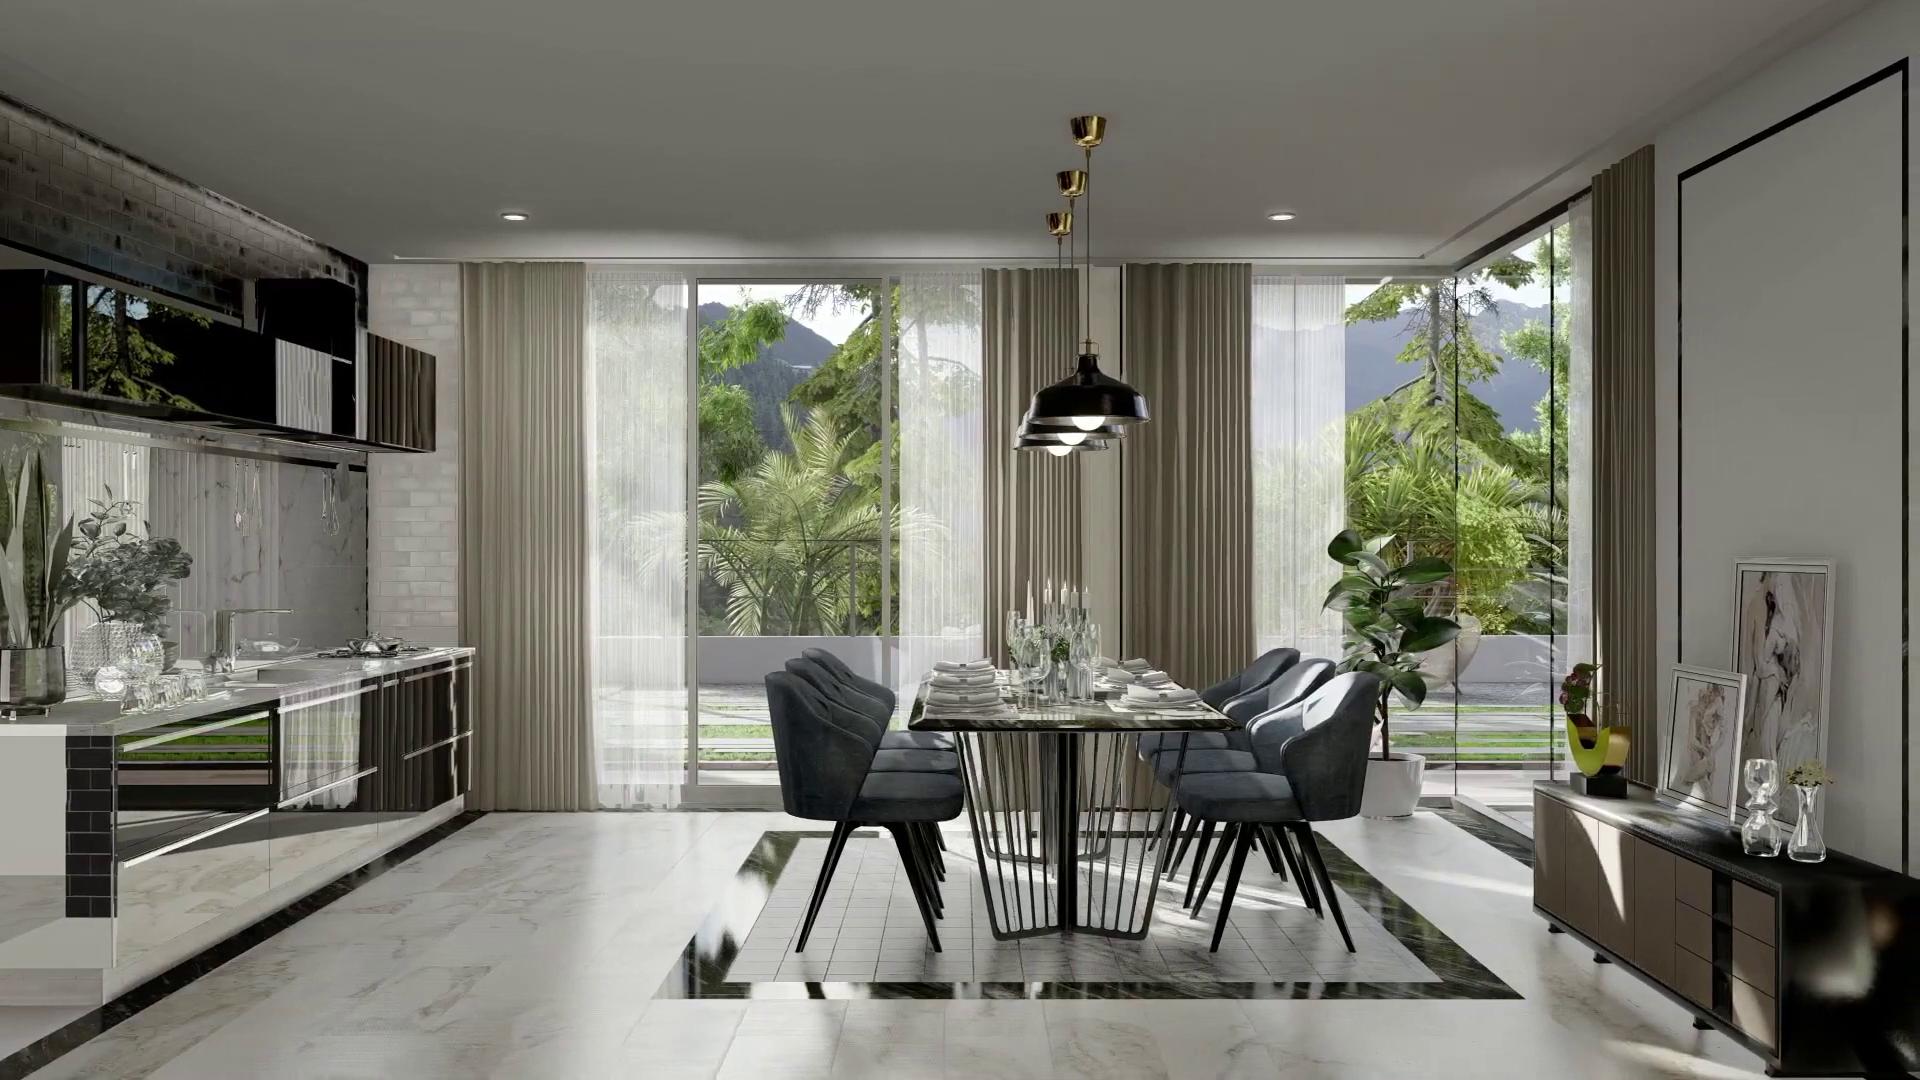 7 impresionantes interiores renderizados con Lumion 10